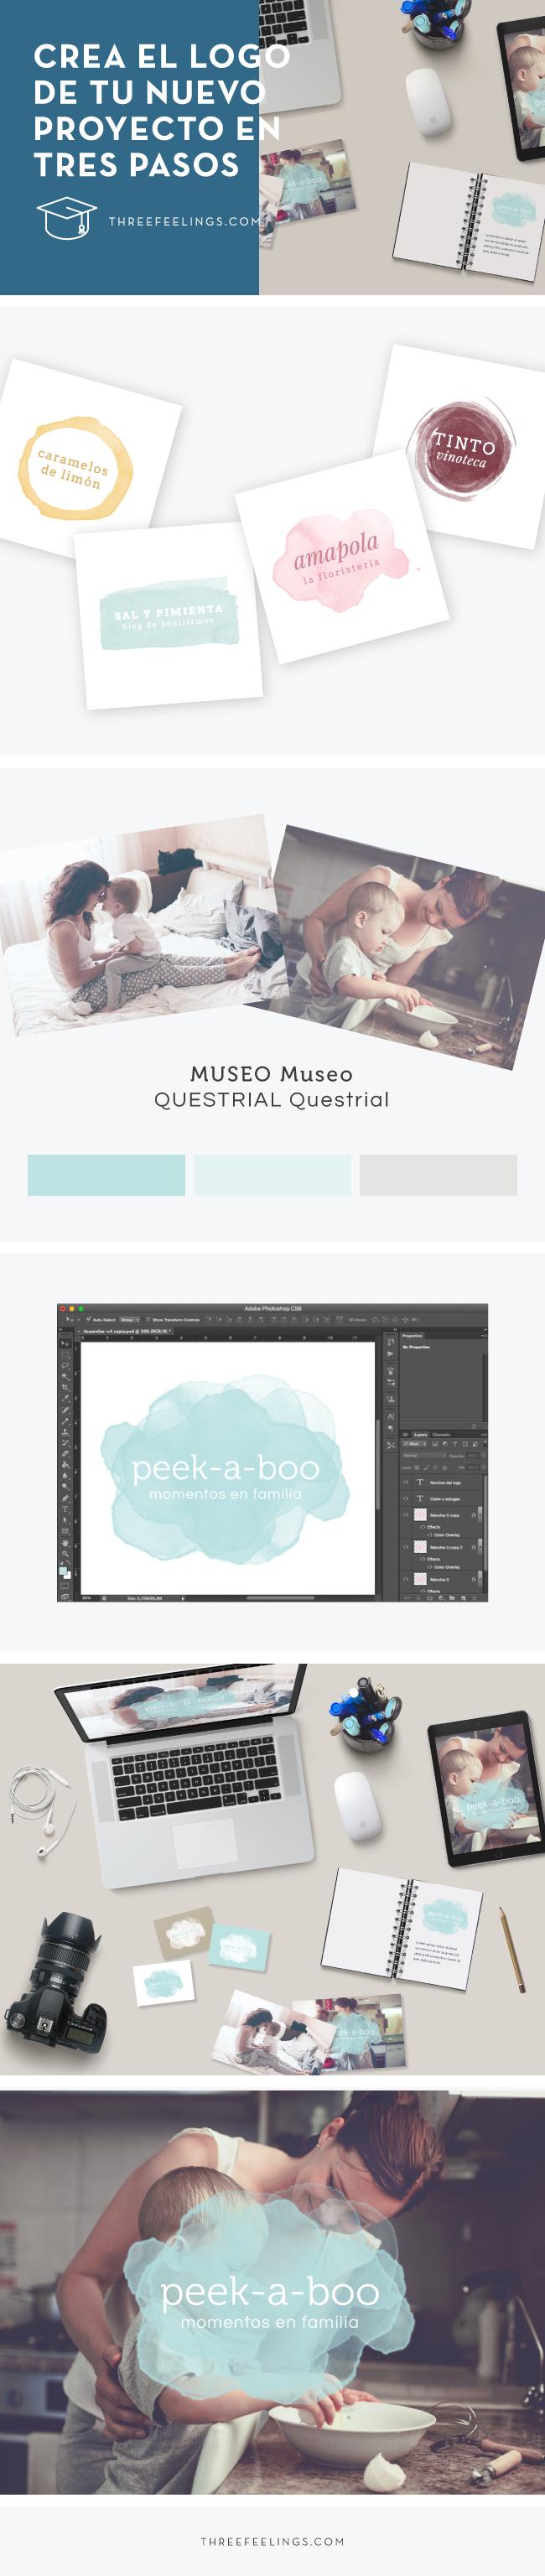 Crea el logo de tu nuevo proyecto o página web en 3 sencillos pasos #logosprediseñados #design